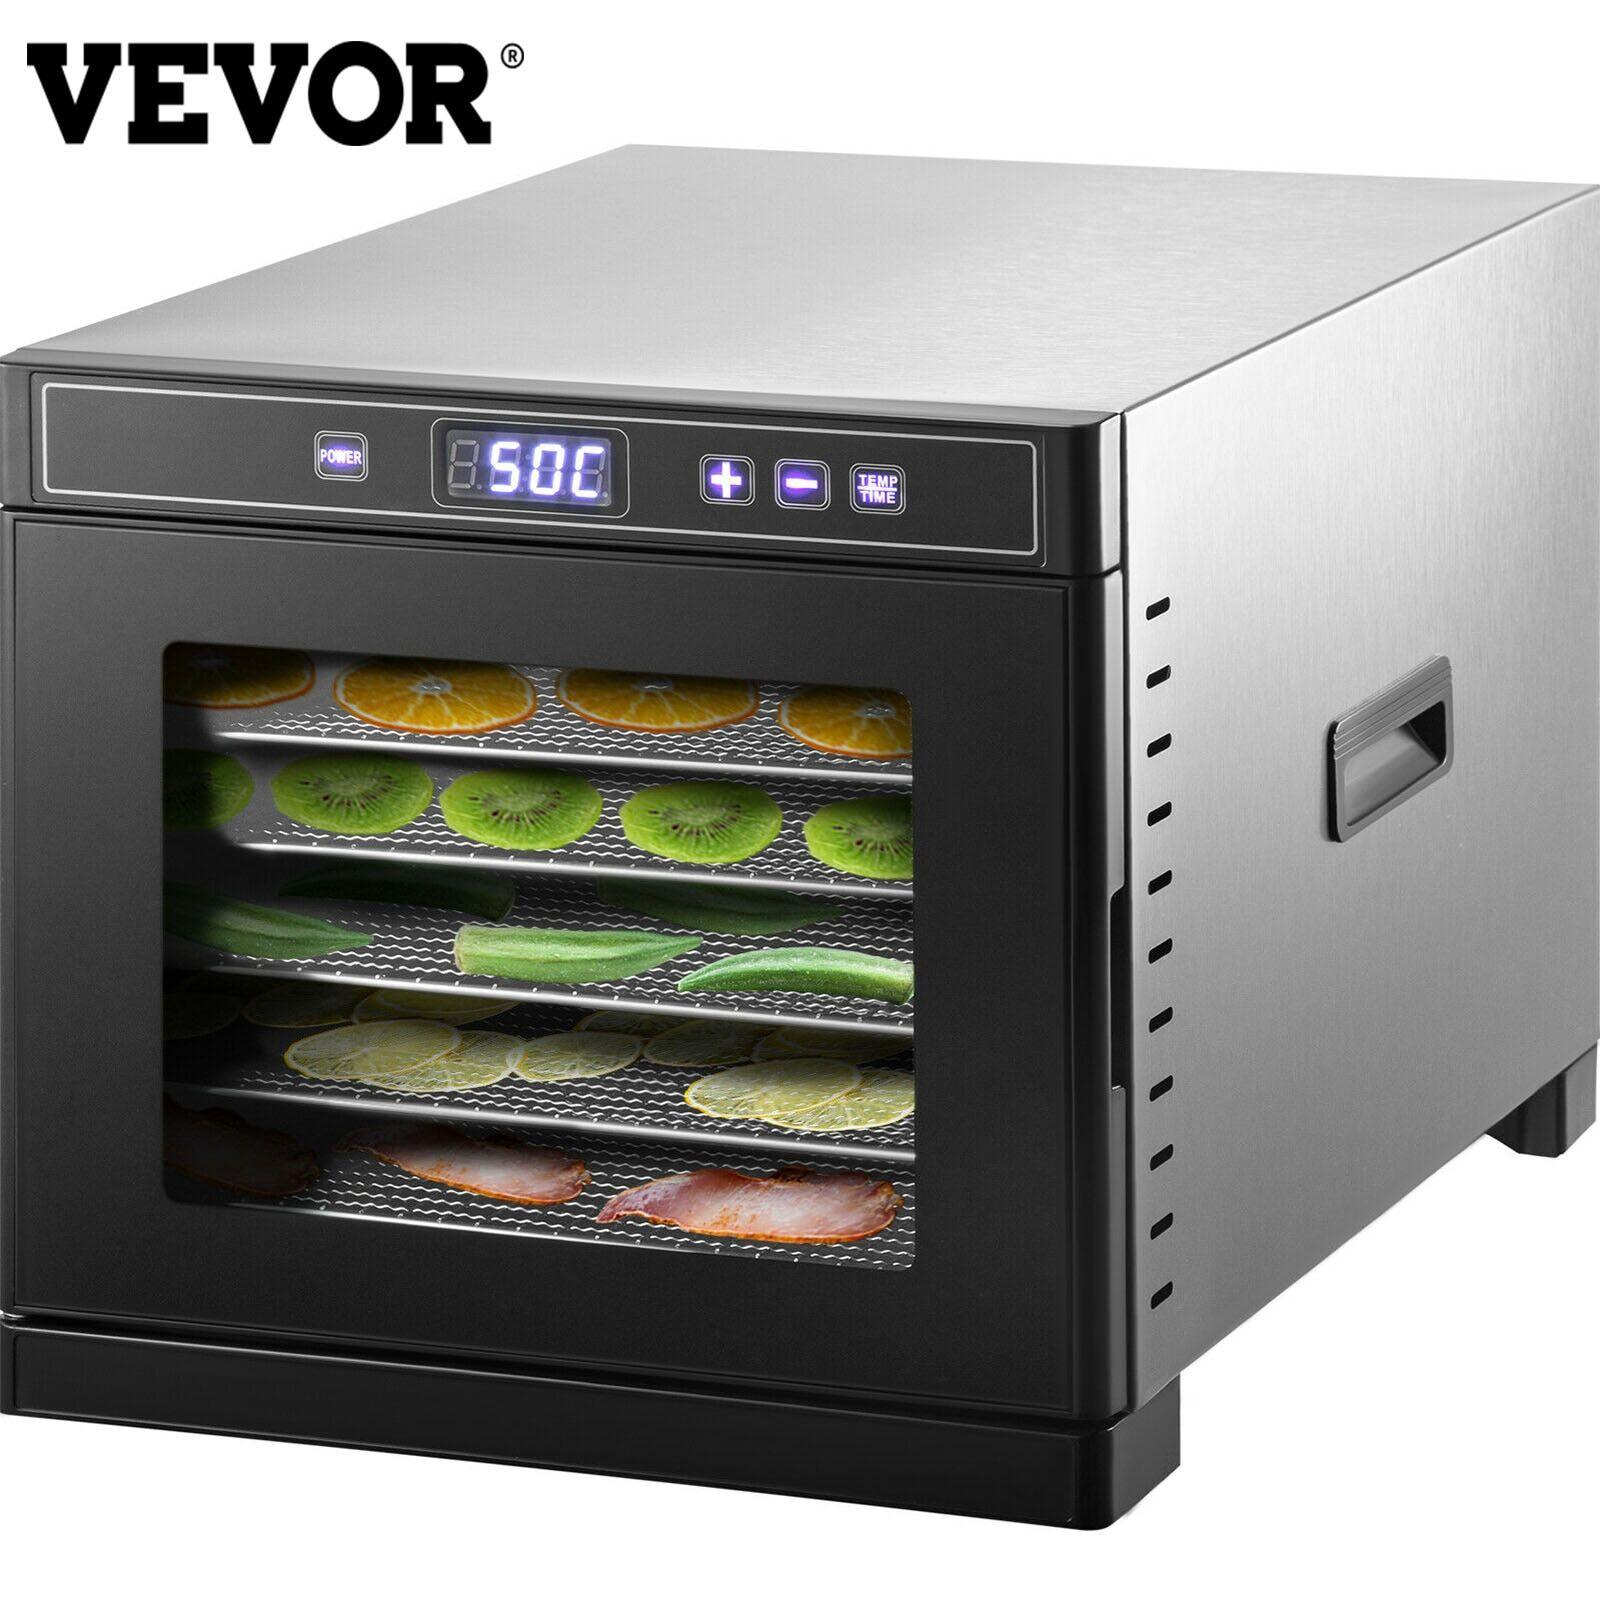 AliExpress VEVOR – séchoir pour légumes 6/10/16 plateaux, déshydrateur alimentaire, séchoir à congélation,